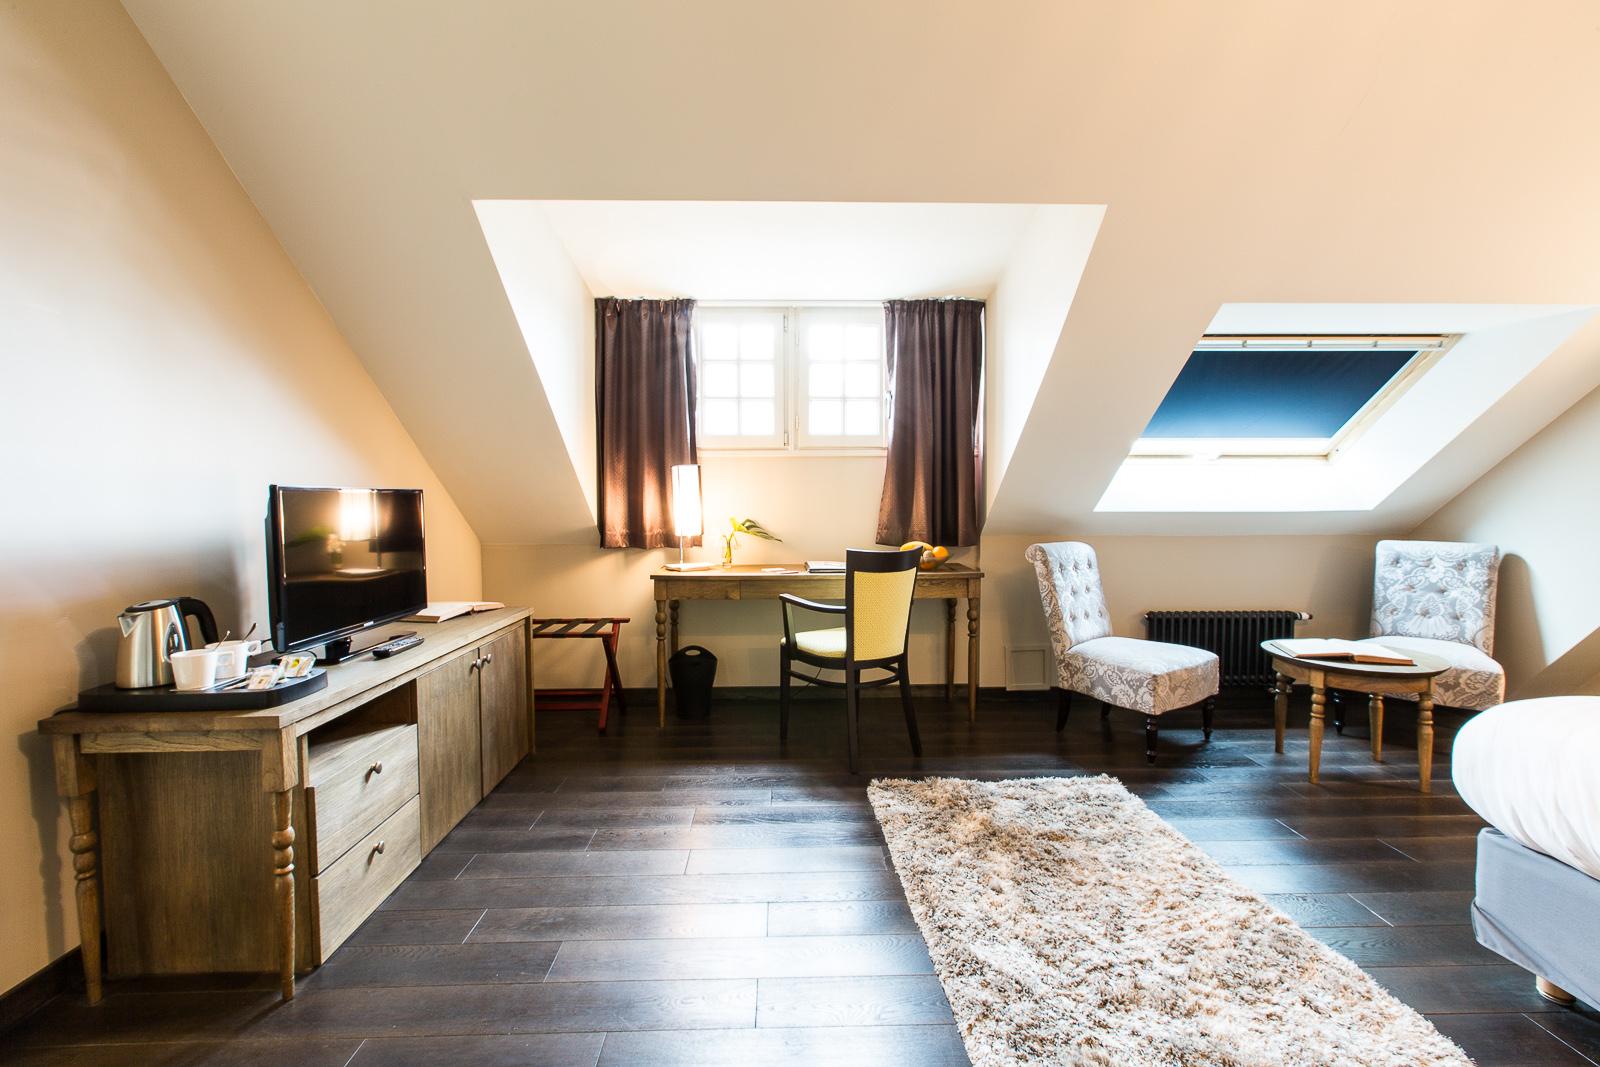 Hotel Marotte amiens chambre superieur espace